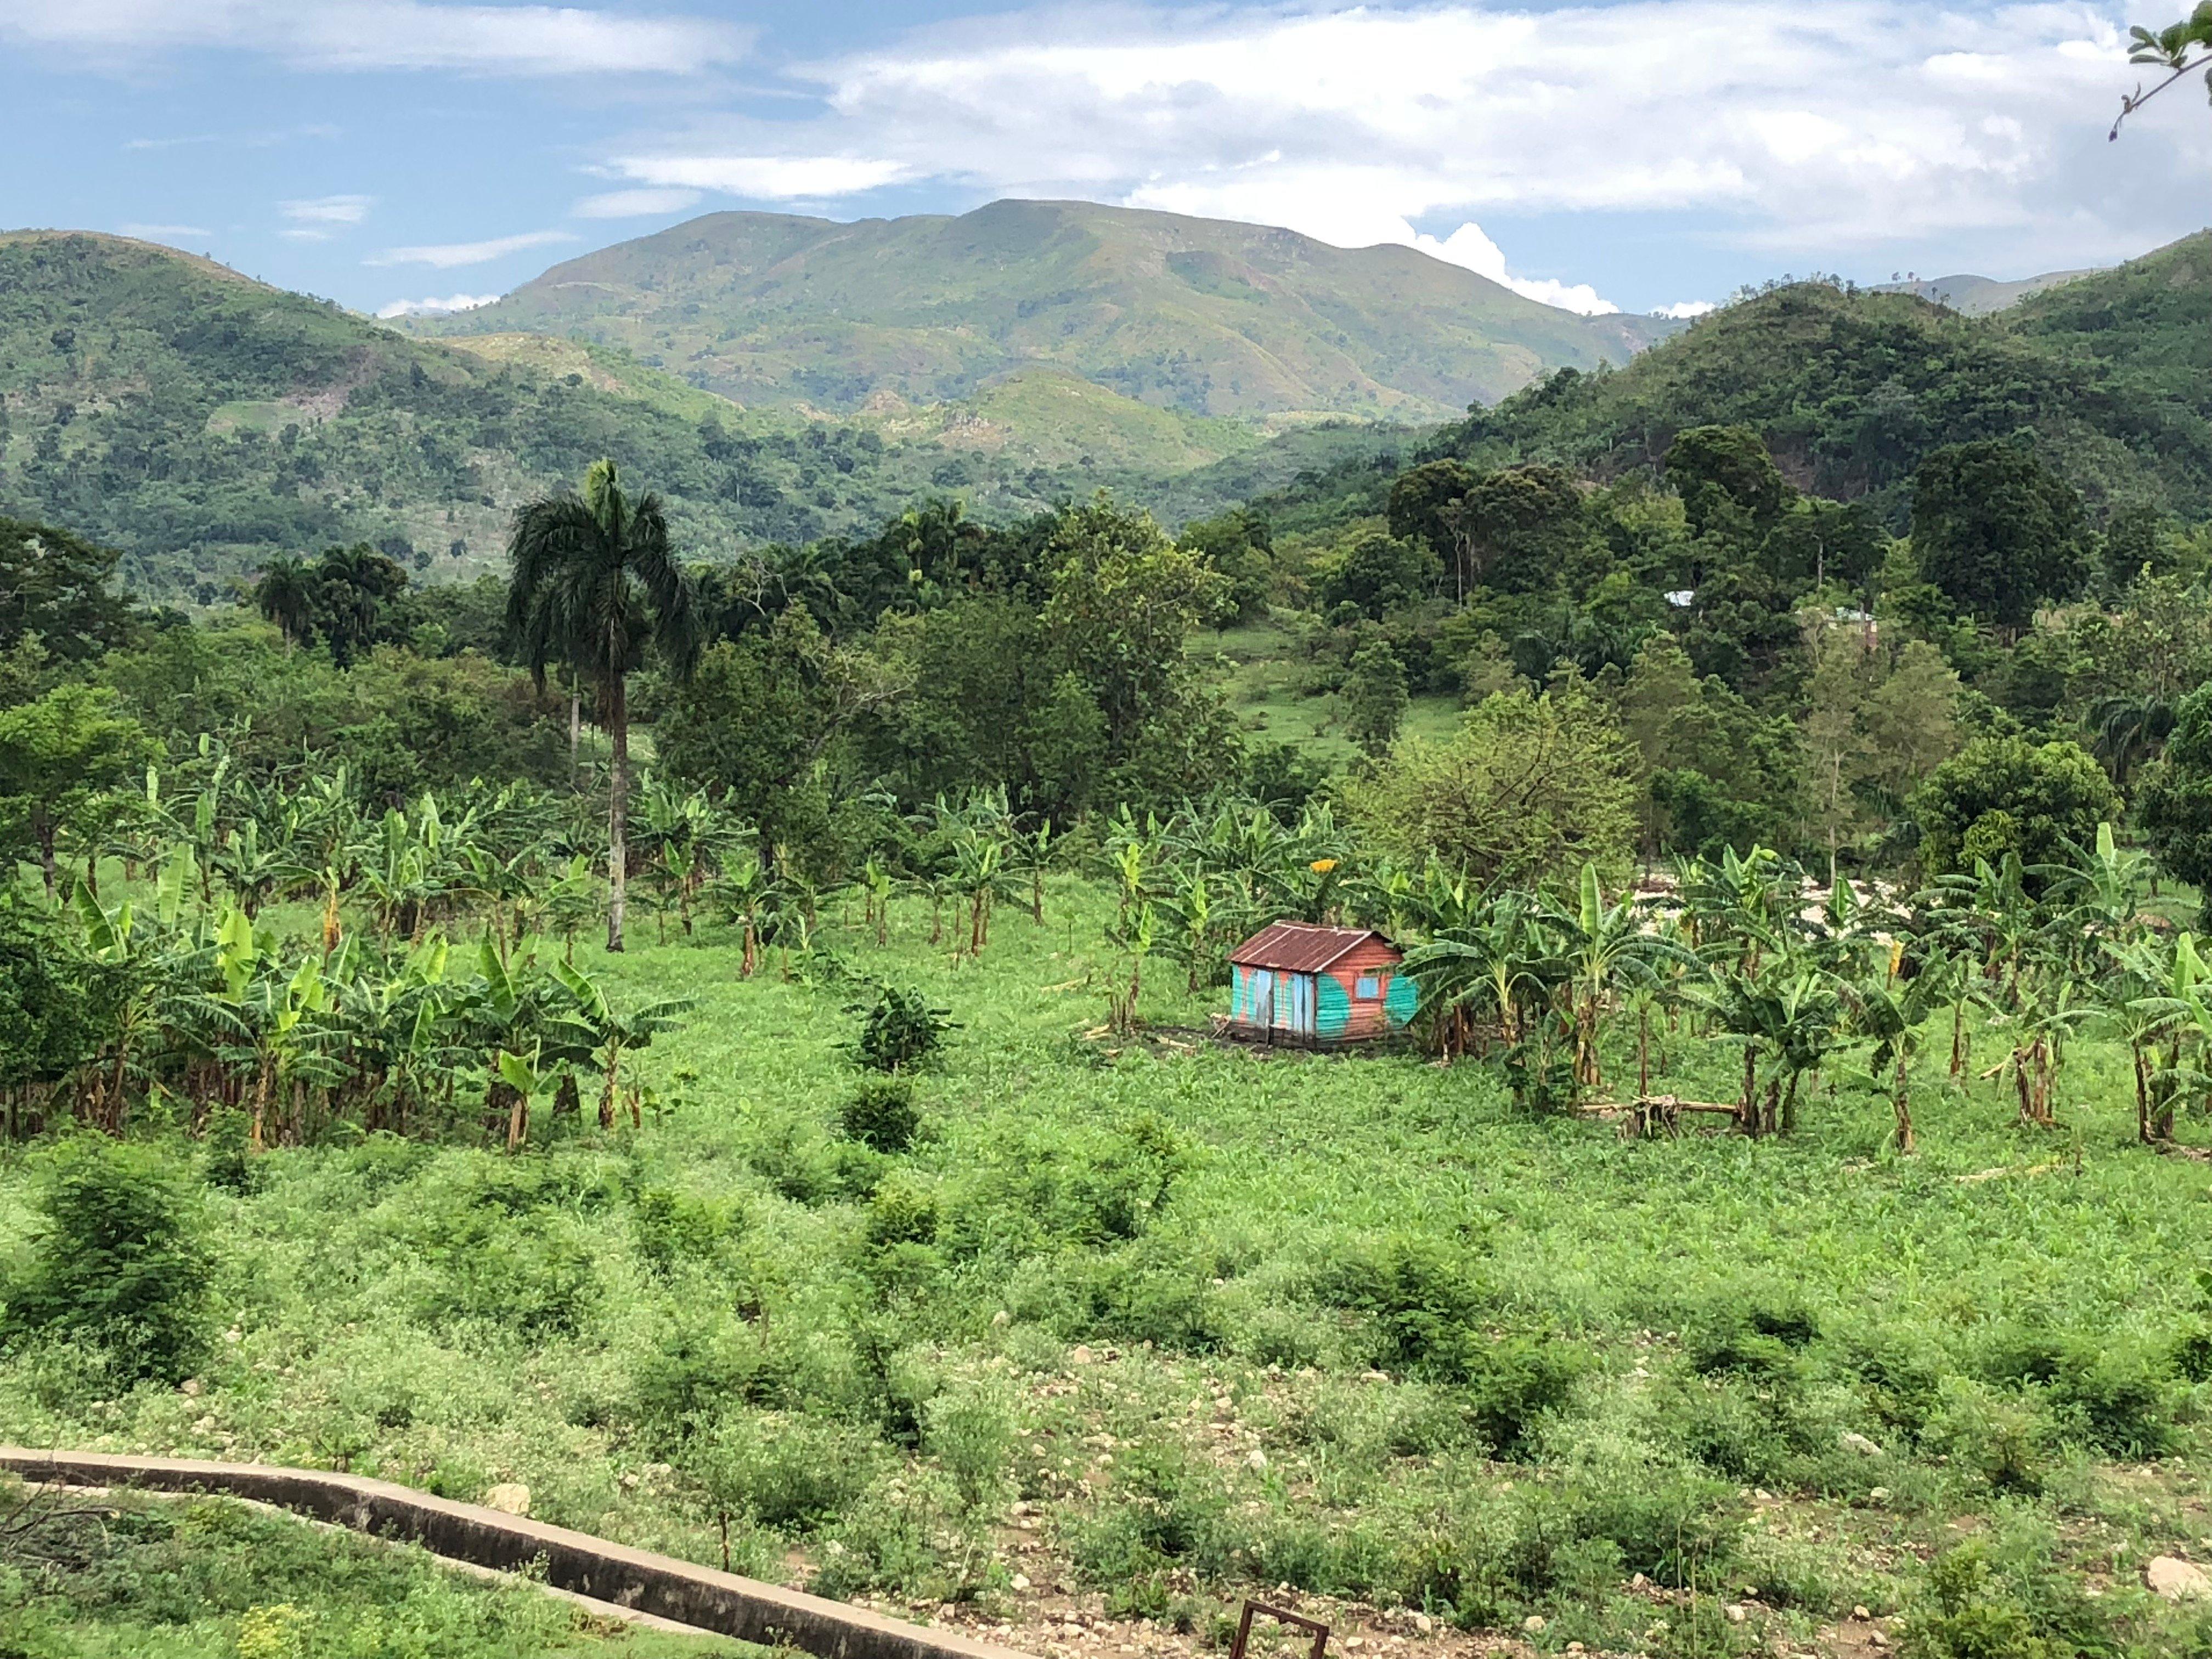 4 Rural Life